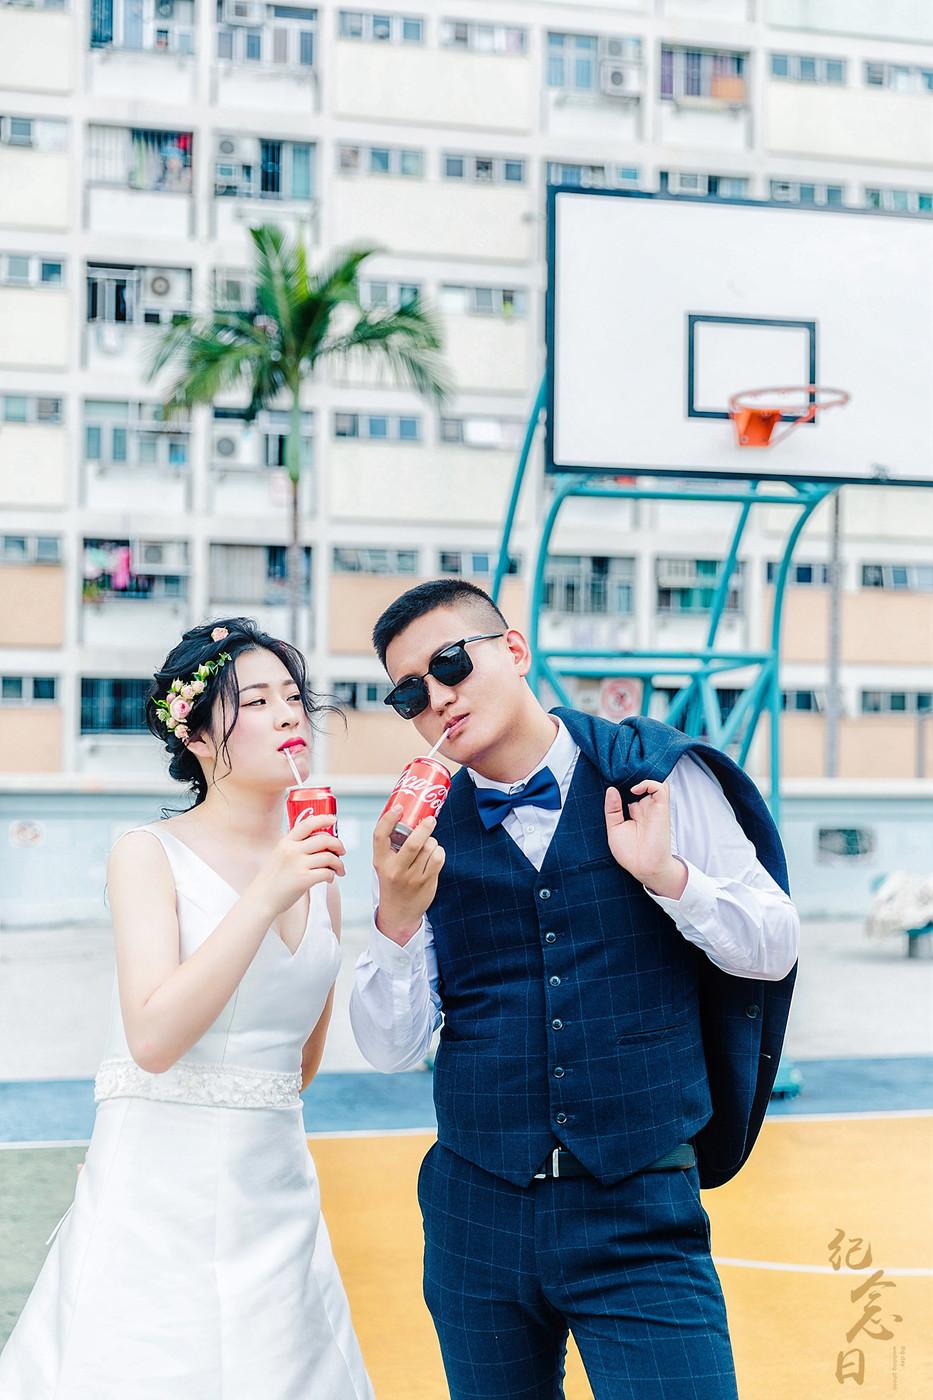 香港旅拍 | 昭甫&梦迪25